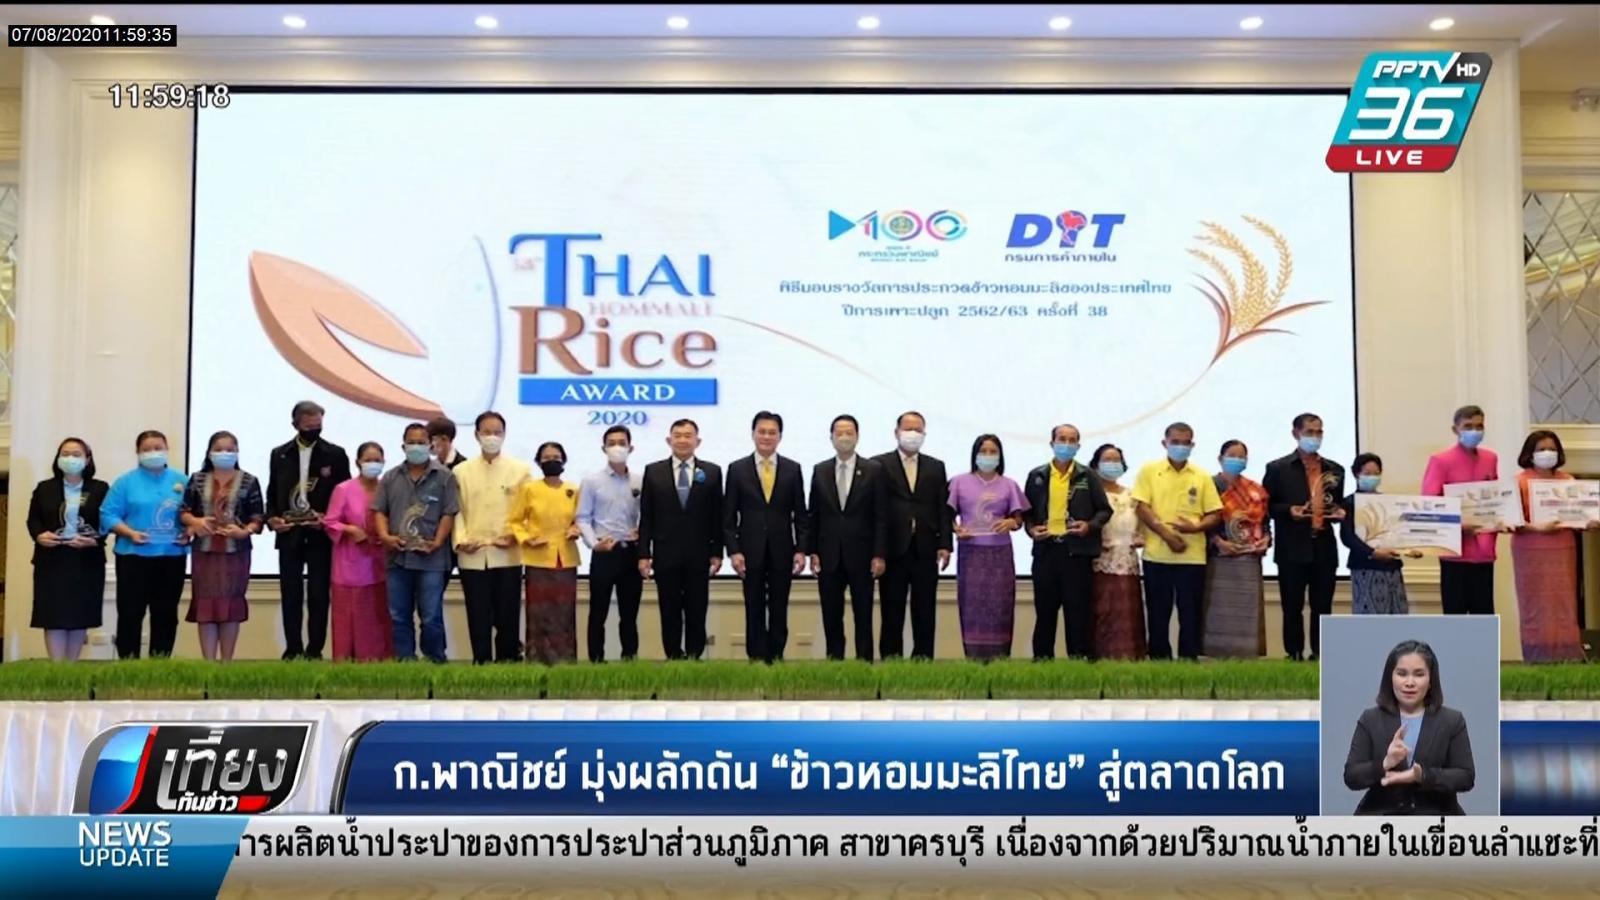 กระทรวงพาณิชย์ คัดสุดยอดพันธุ์ข้าวหอมมะลิไทย ครั้งที่ 38